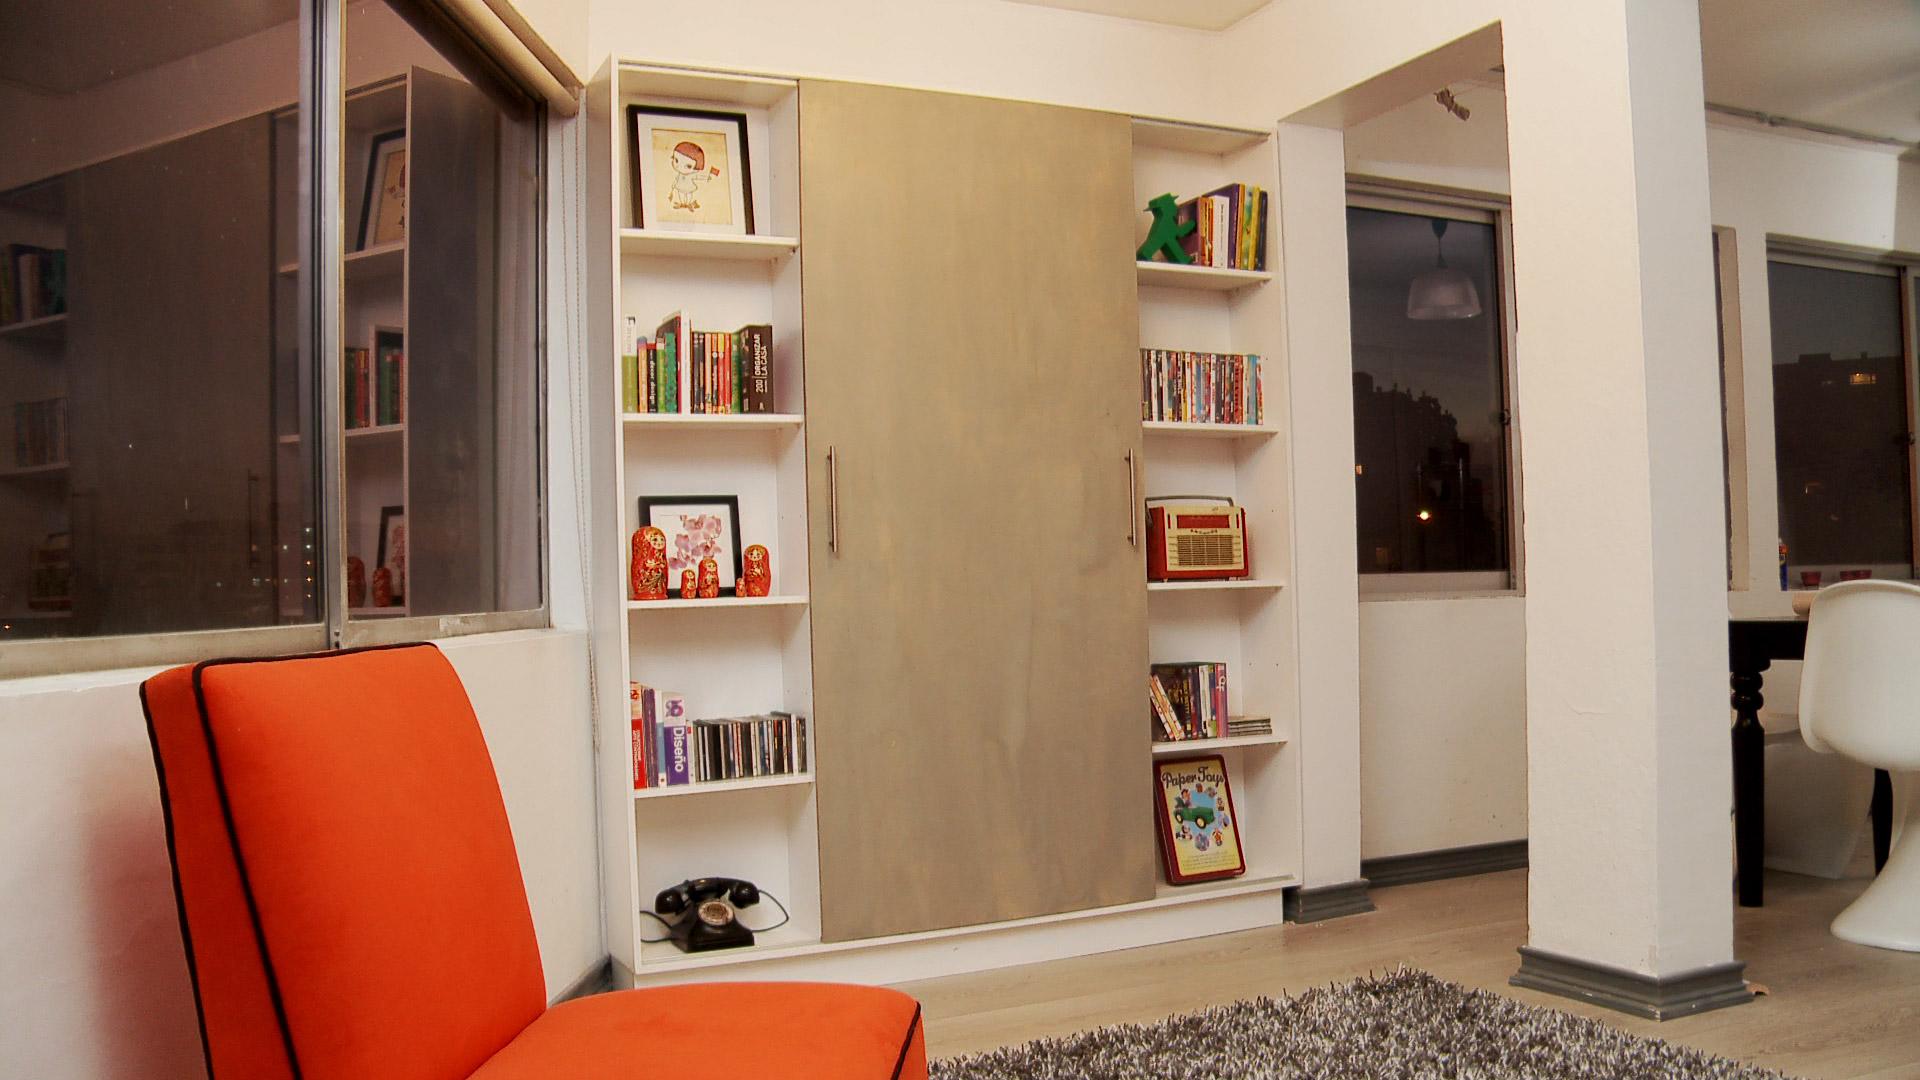 Los departamentos y casas cada vez se construyen con menor cantidad de metros cuadrados, es por eso que se requiere un diseño inteligente que nos permita aprovechar ciertos espacios que pensamos que están muertos o que no tienen mayor utilidad. En este proyecto daremos una idea para hacer un mueble a medida, pensado especialmente para un espacio reducido.